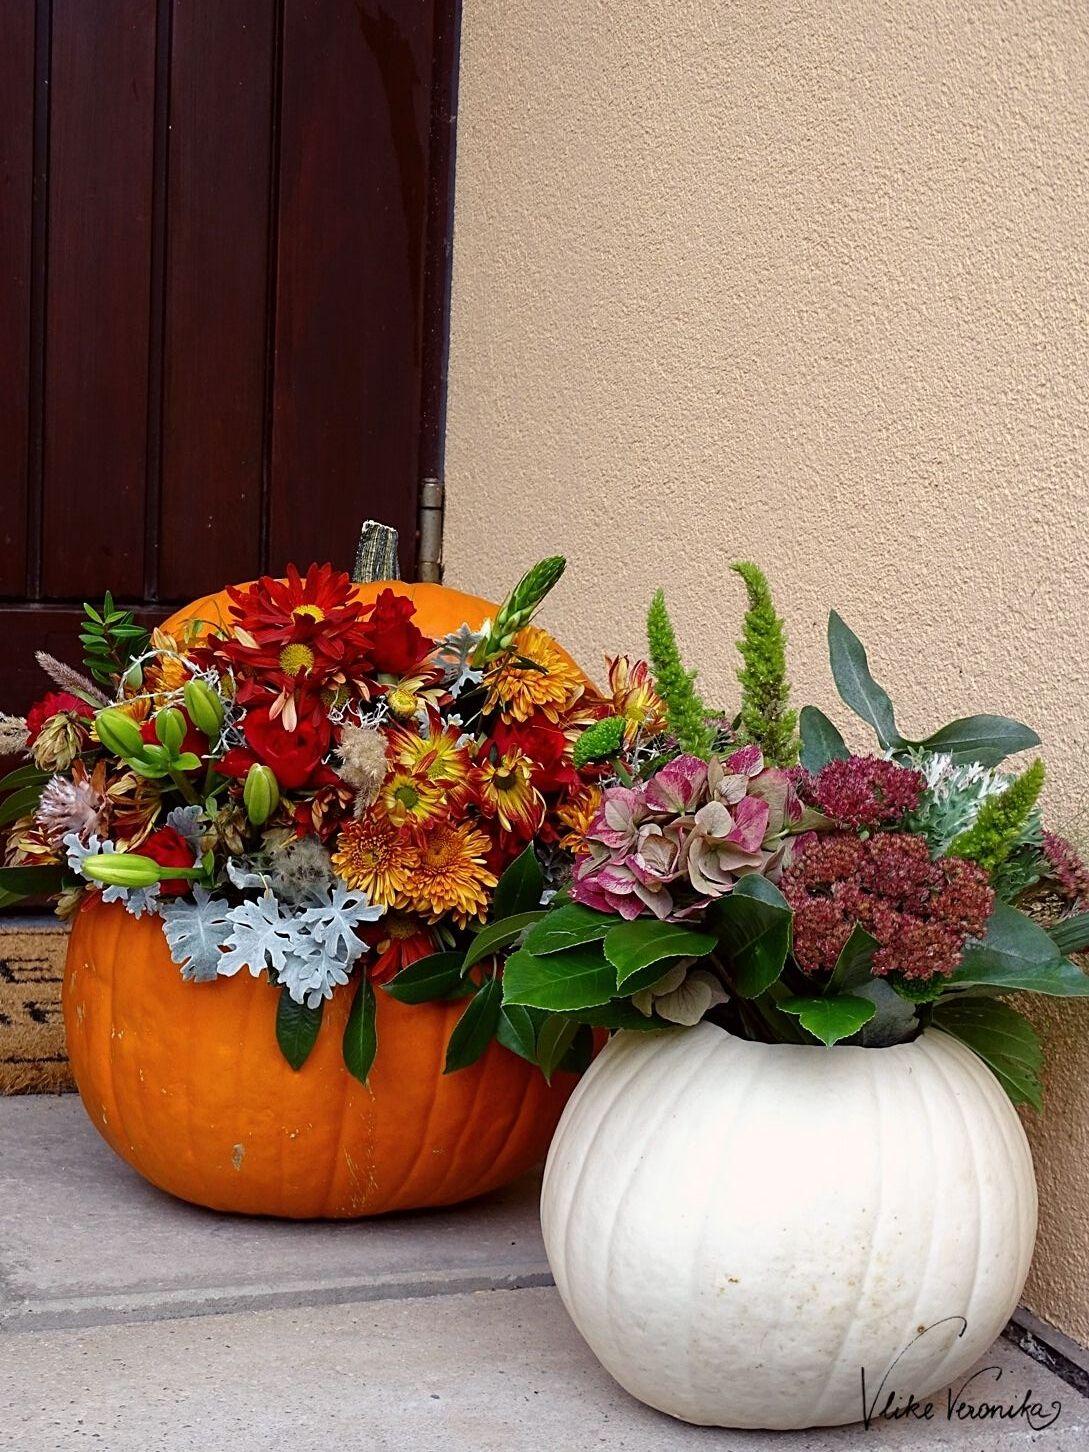 Kürbis mit Blumen dekorieren: So funktioniert das schöne Herbst-DIY-Projekt